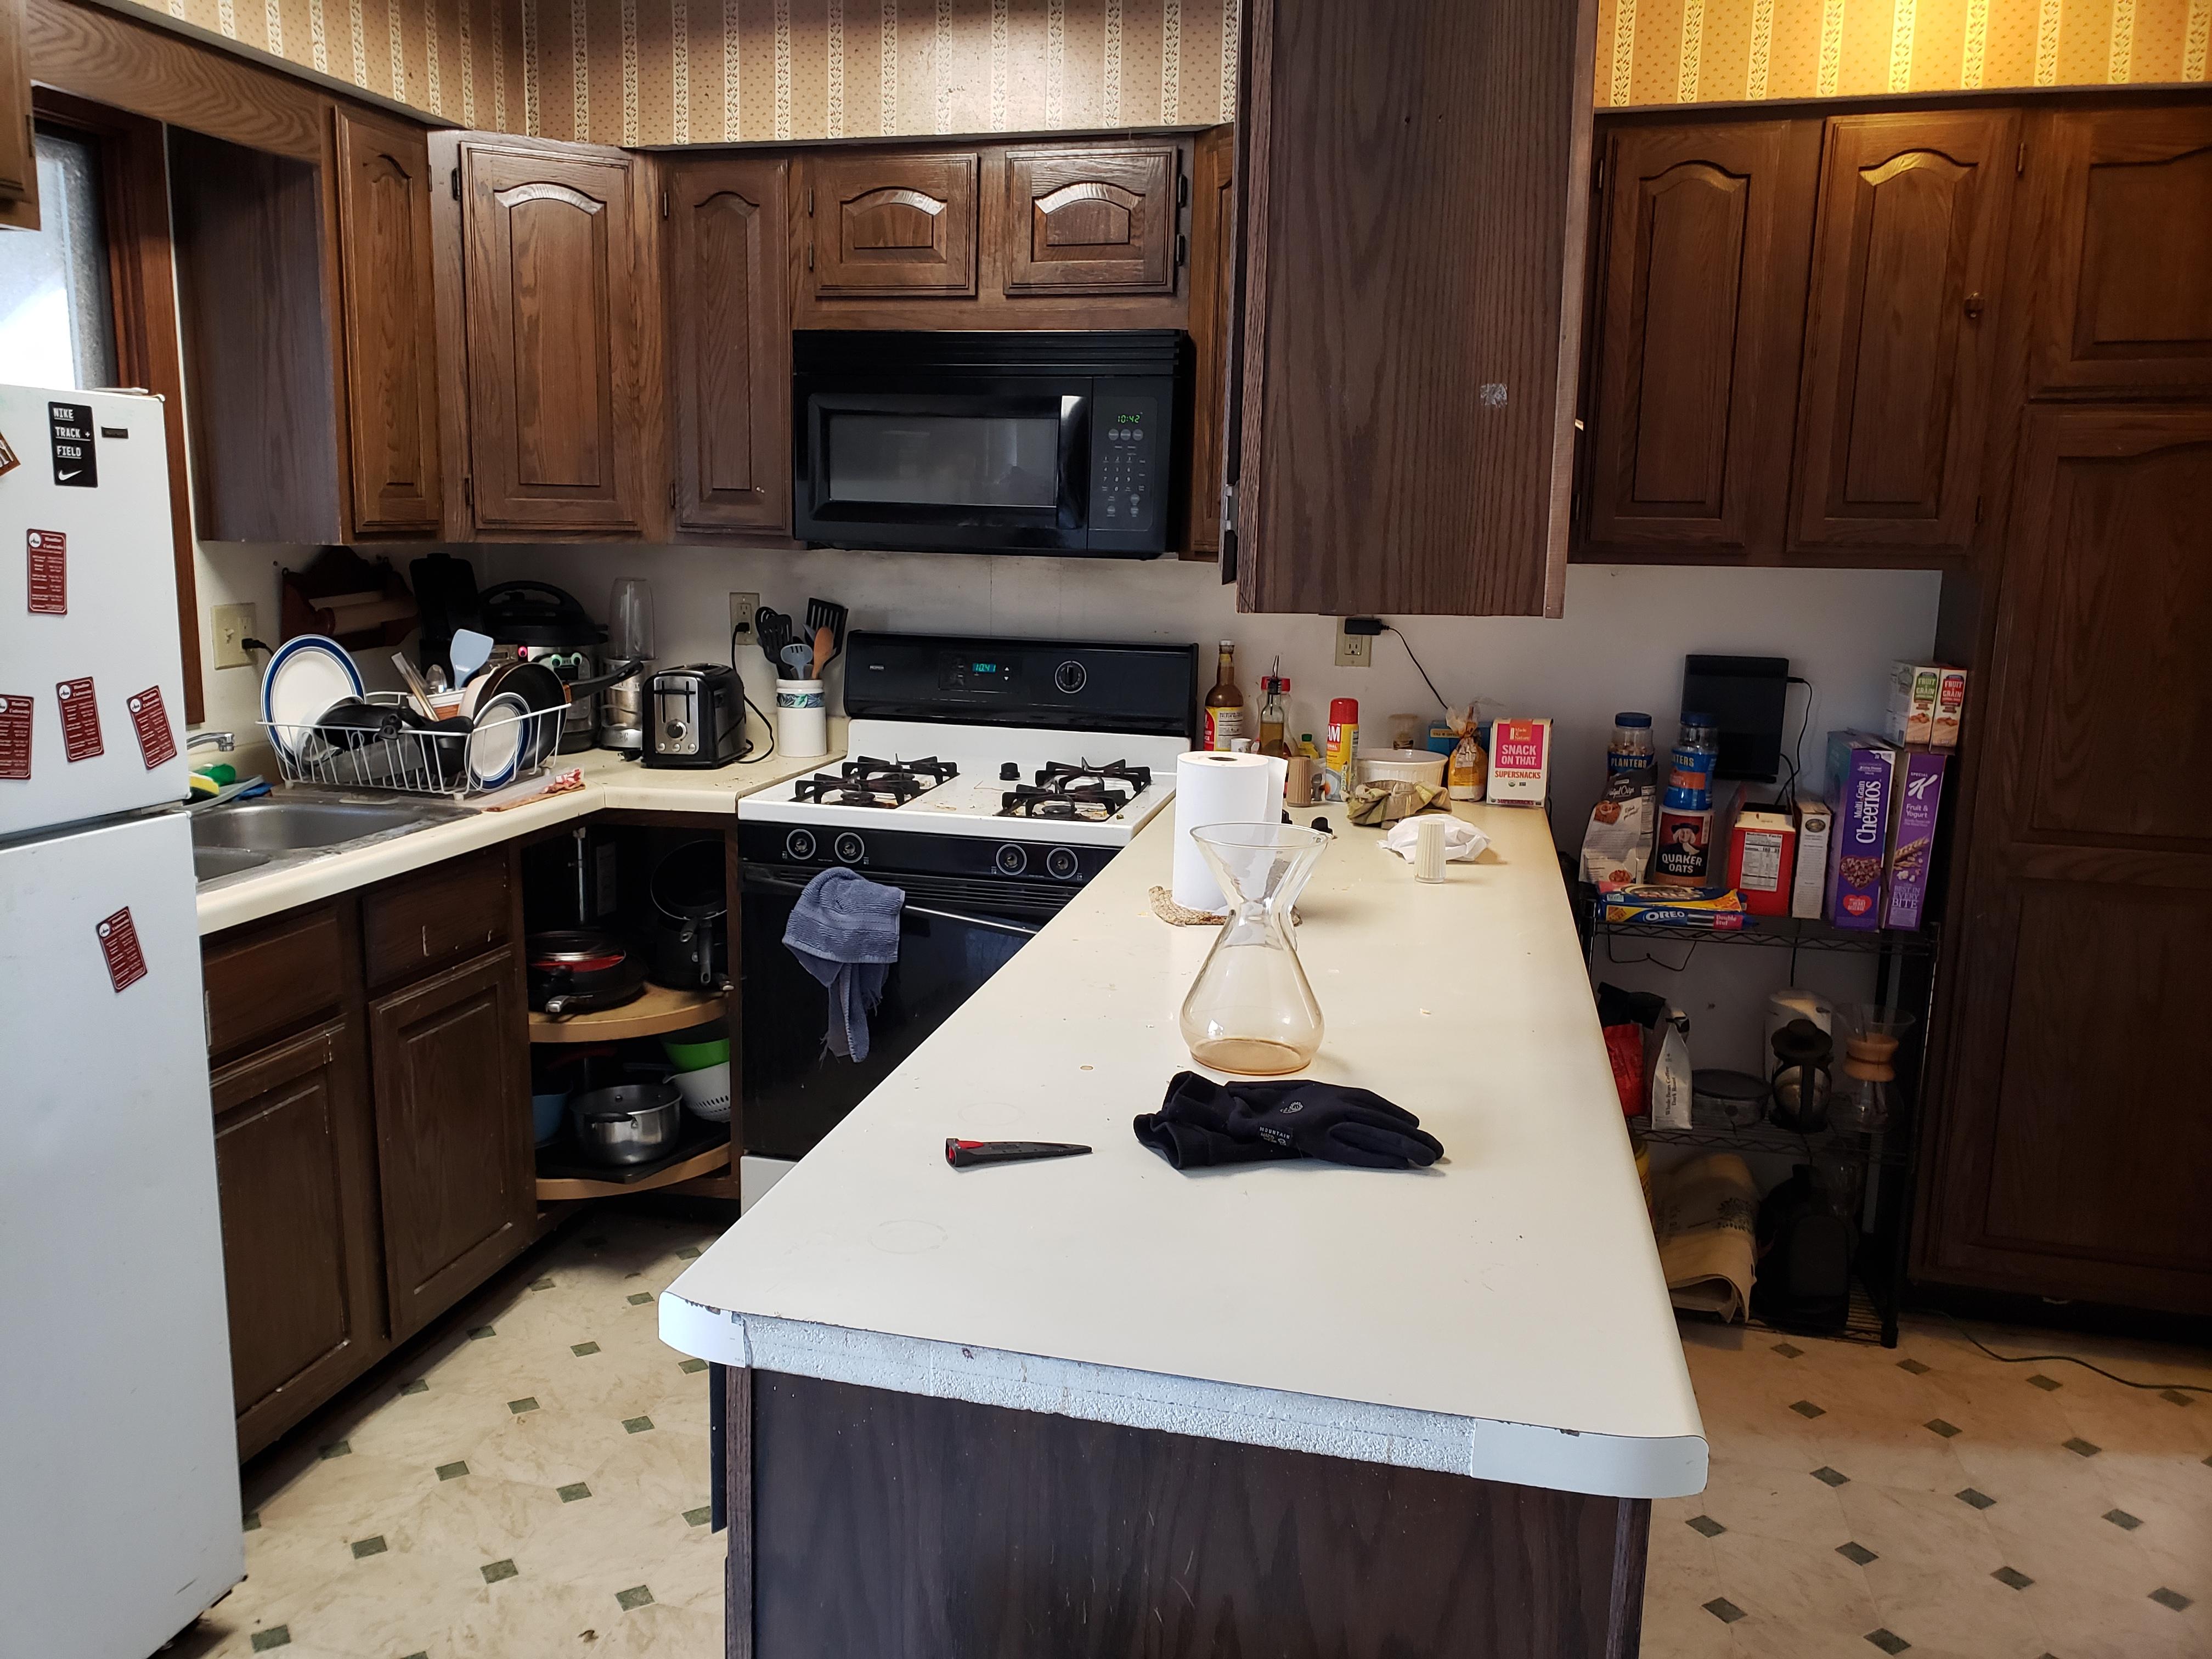 40 - 1649 Kitchen